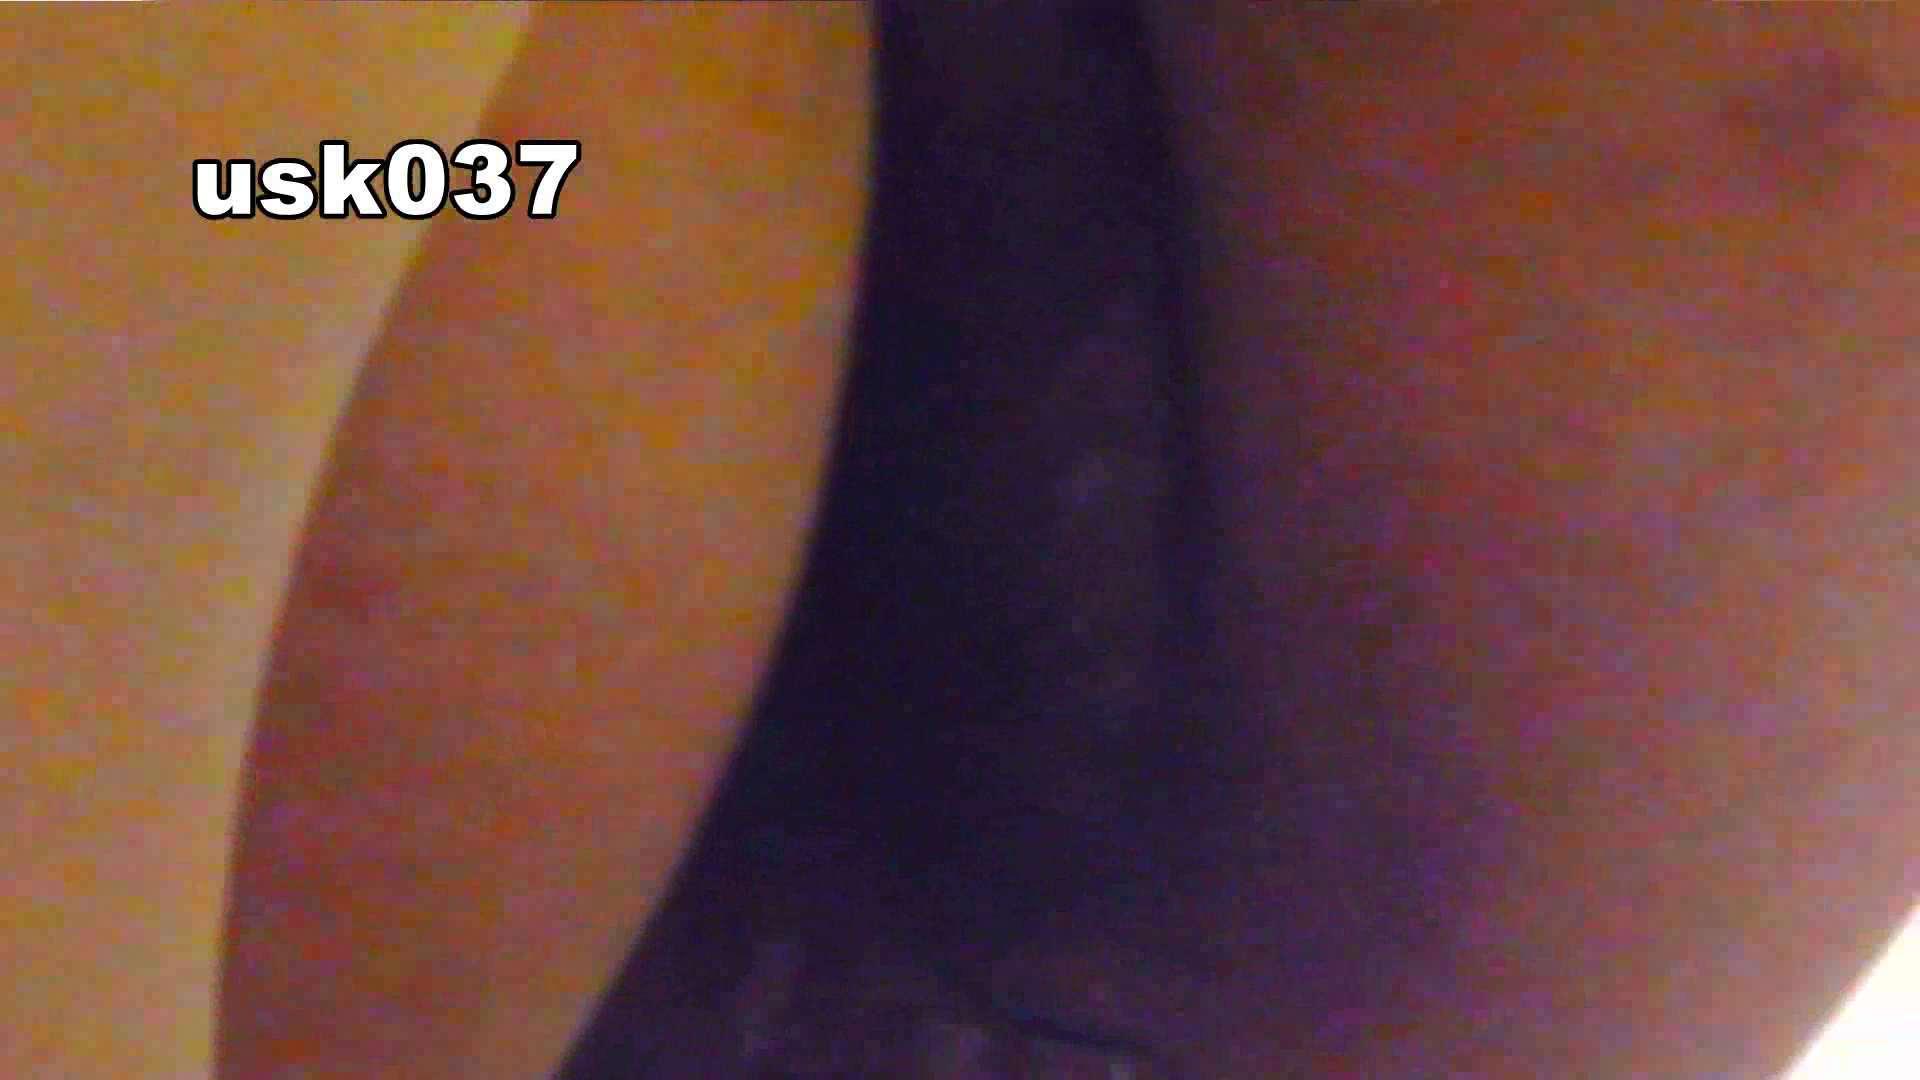 【美しき個室な世界】 vol.037 ひねり出す様子(フトイです) 高画質 ワレメ動画紹介 51画像 32